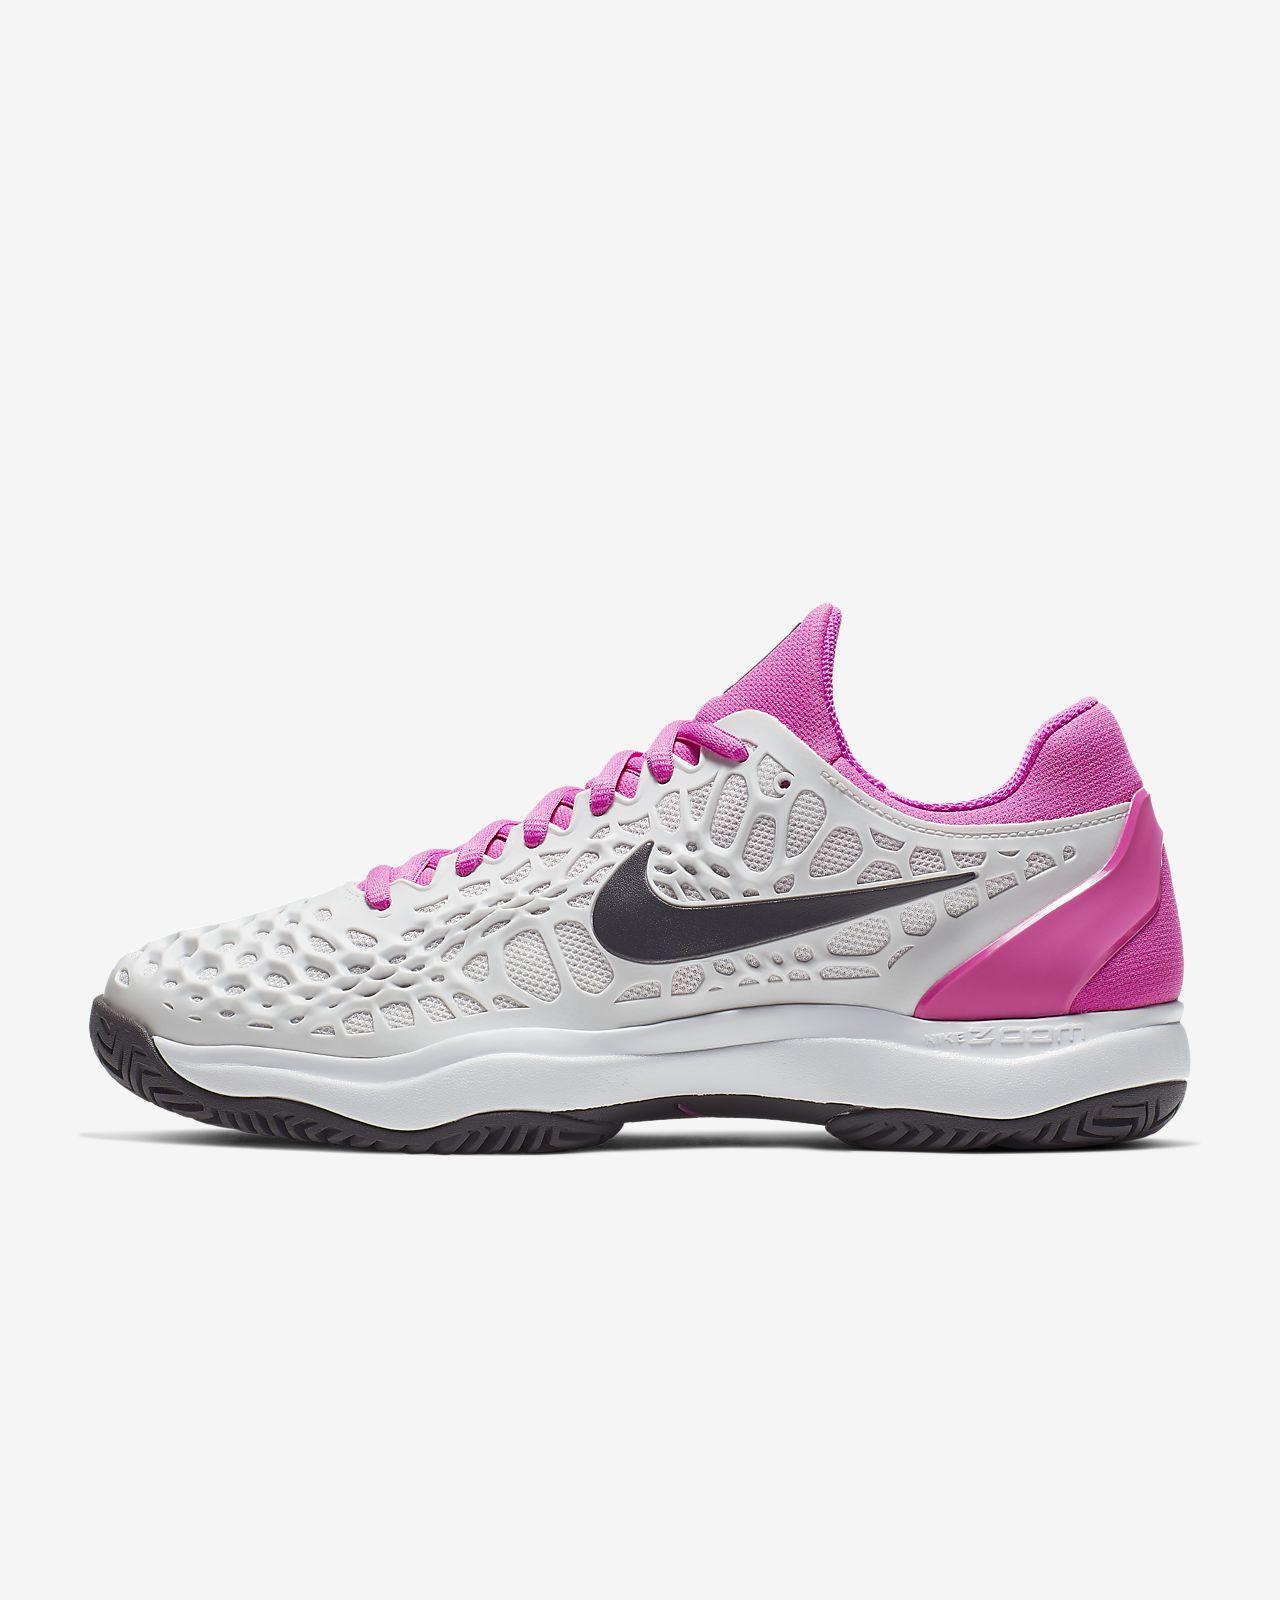 buy popular 87603 8f7a8 ... Chaussure de tennis pour surface dure NikeCourt Zoom Cage 3 pour Homme